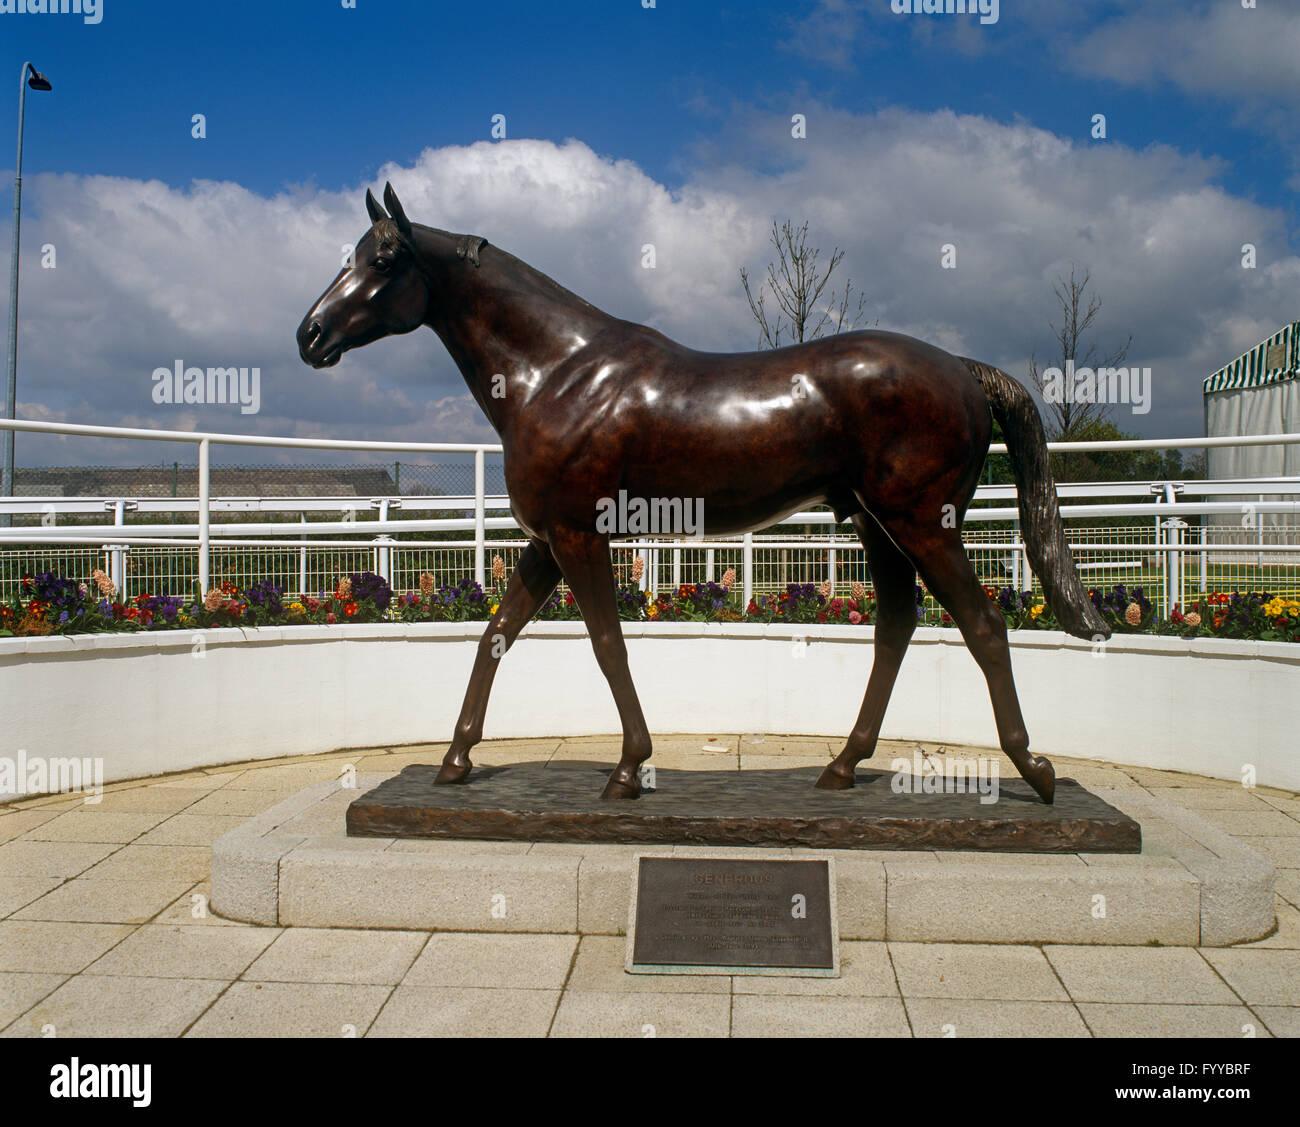 Le cheval de course généreuse à la tribune en Statue Epsom Downs, Surrey, UK. Photo Stock